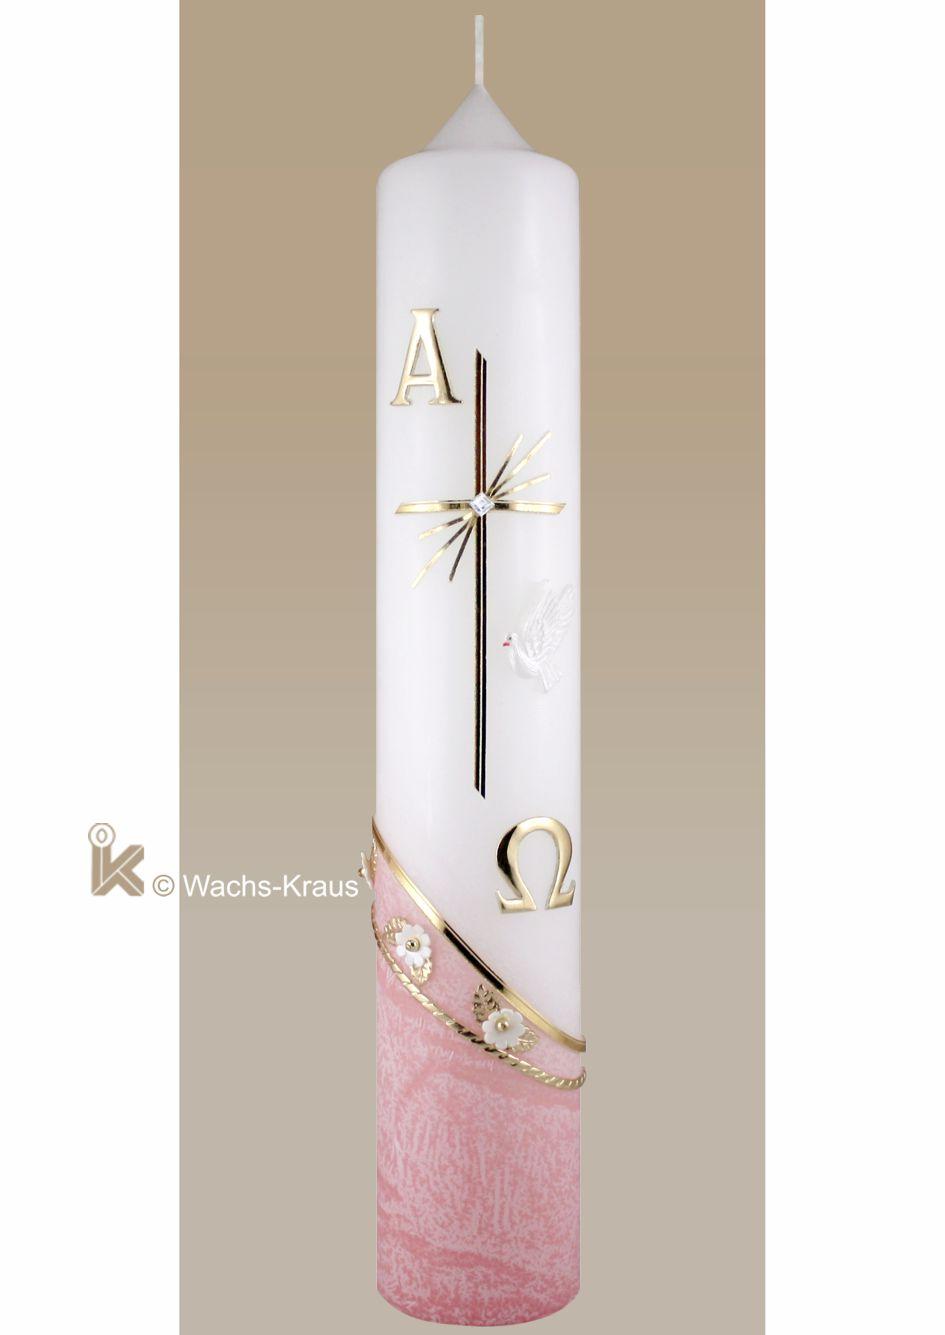 Diese moderne Taufkerze ist mit flüssigem rosafarbenen Wachs überzogen, darüber ein Kreuz mit Alpha und Omega und der Hl. Geist Taube.